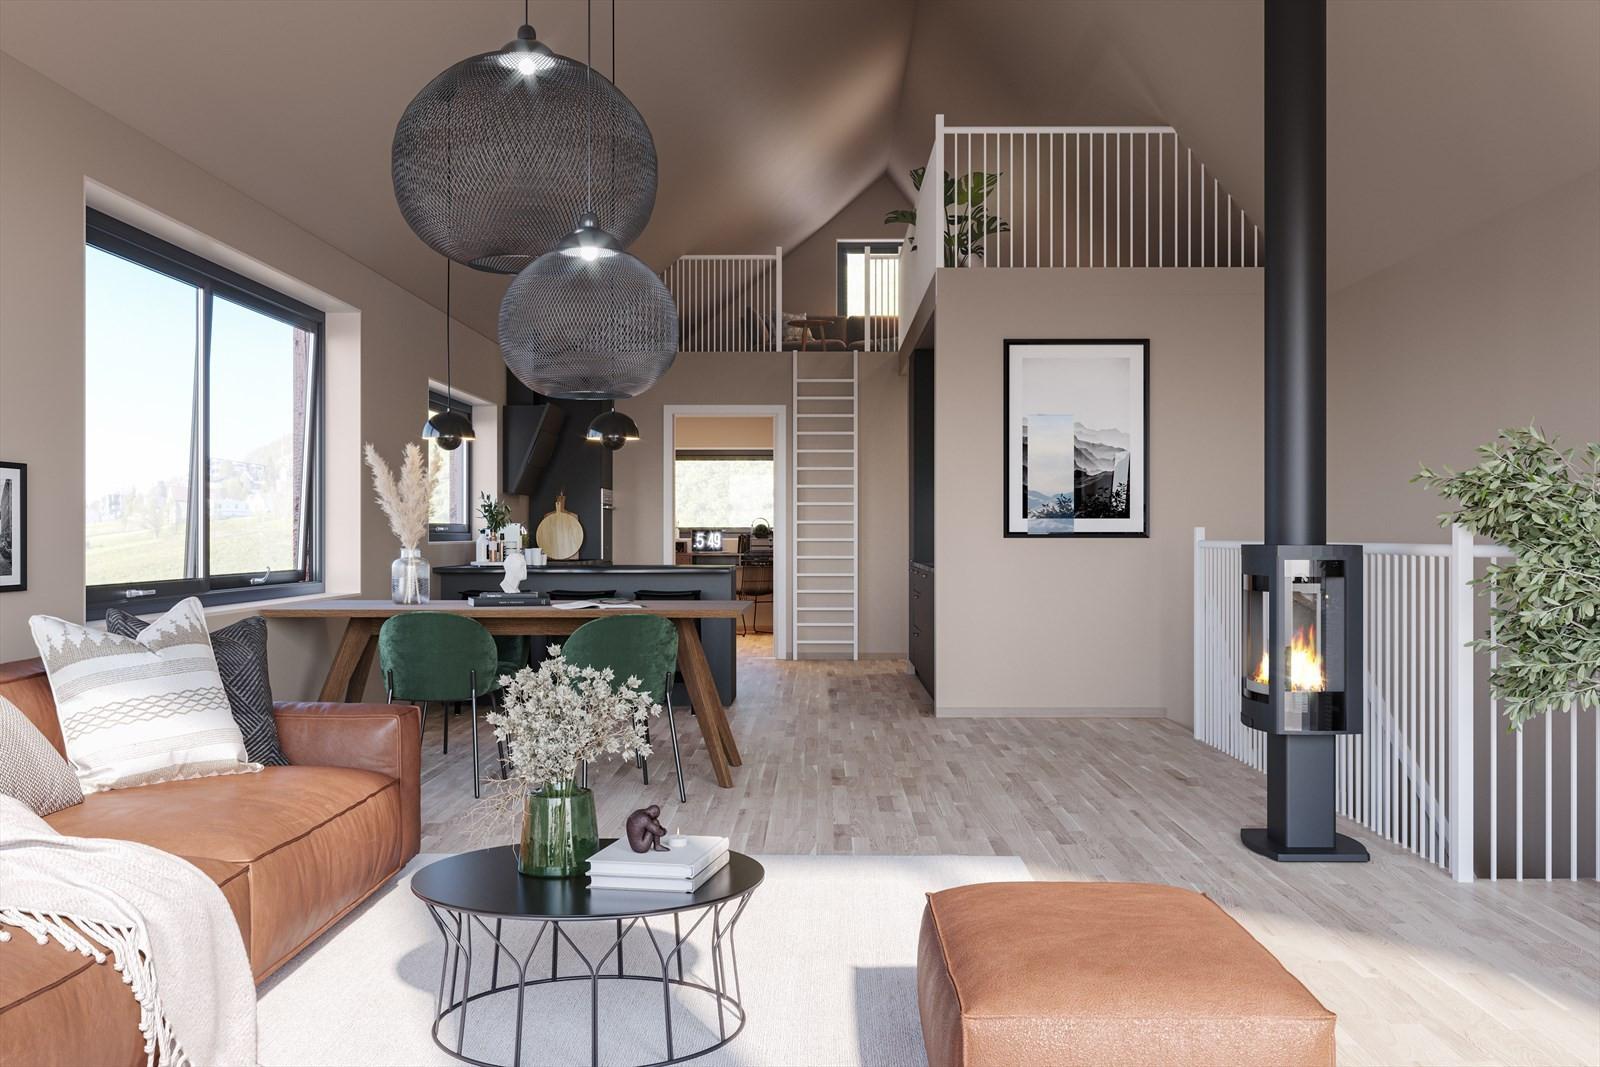 Noen av boligene vil også få hems som kan brukes til lagring, kontor eller en ekstra TV stue.